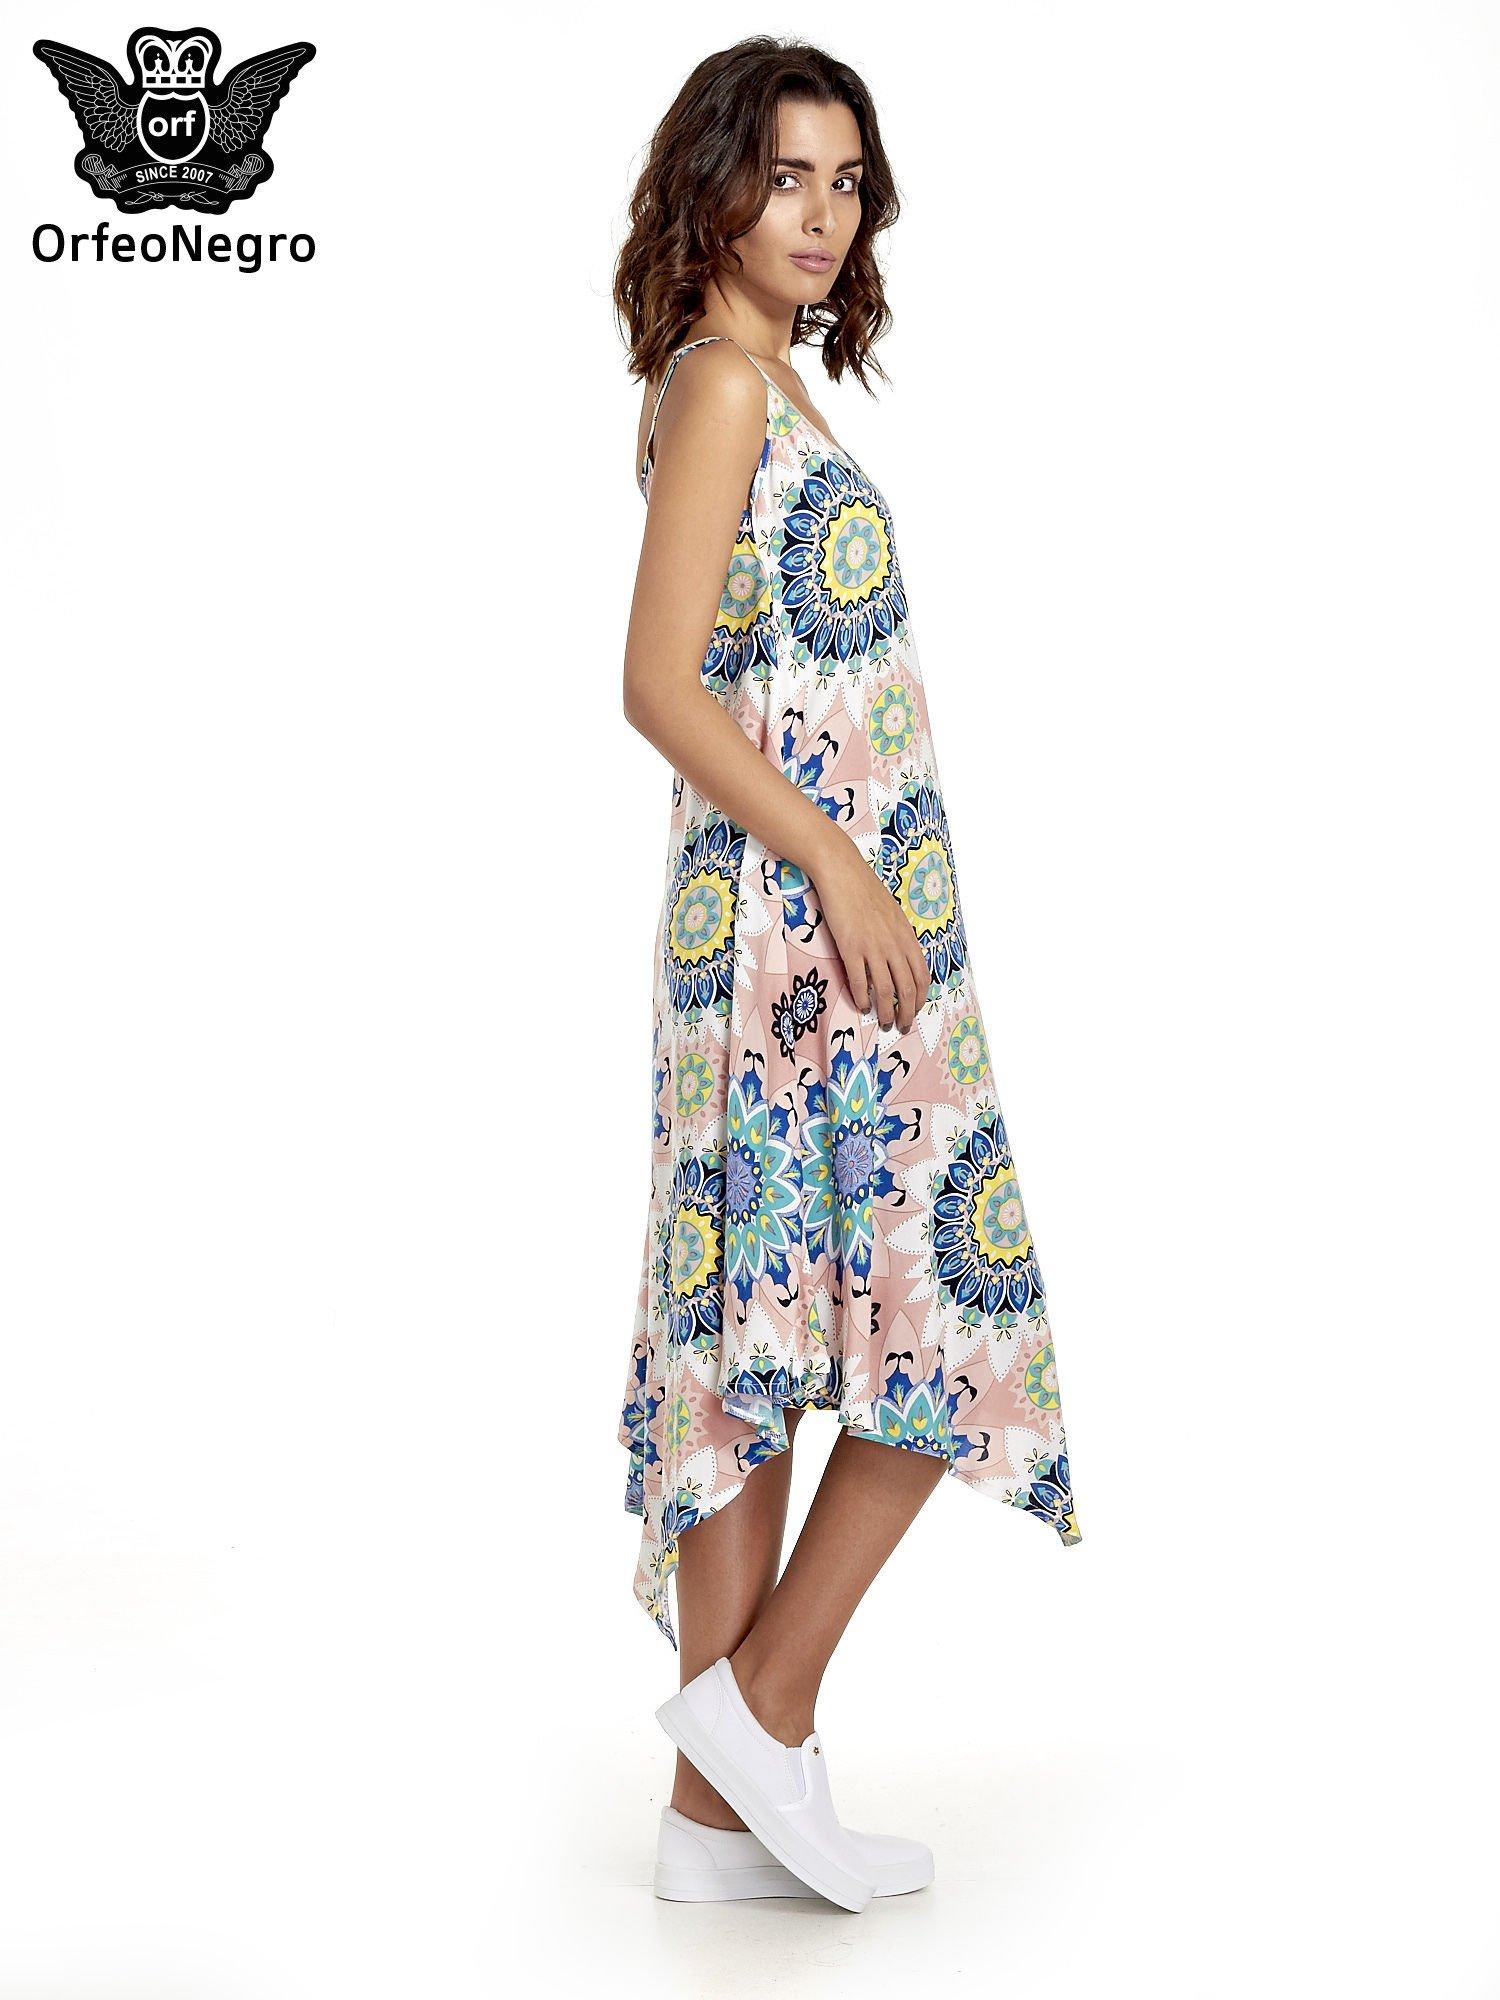 Rożowa letnia sukienka w kwiaty                                  zdj.                                  3